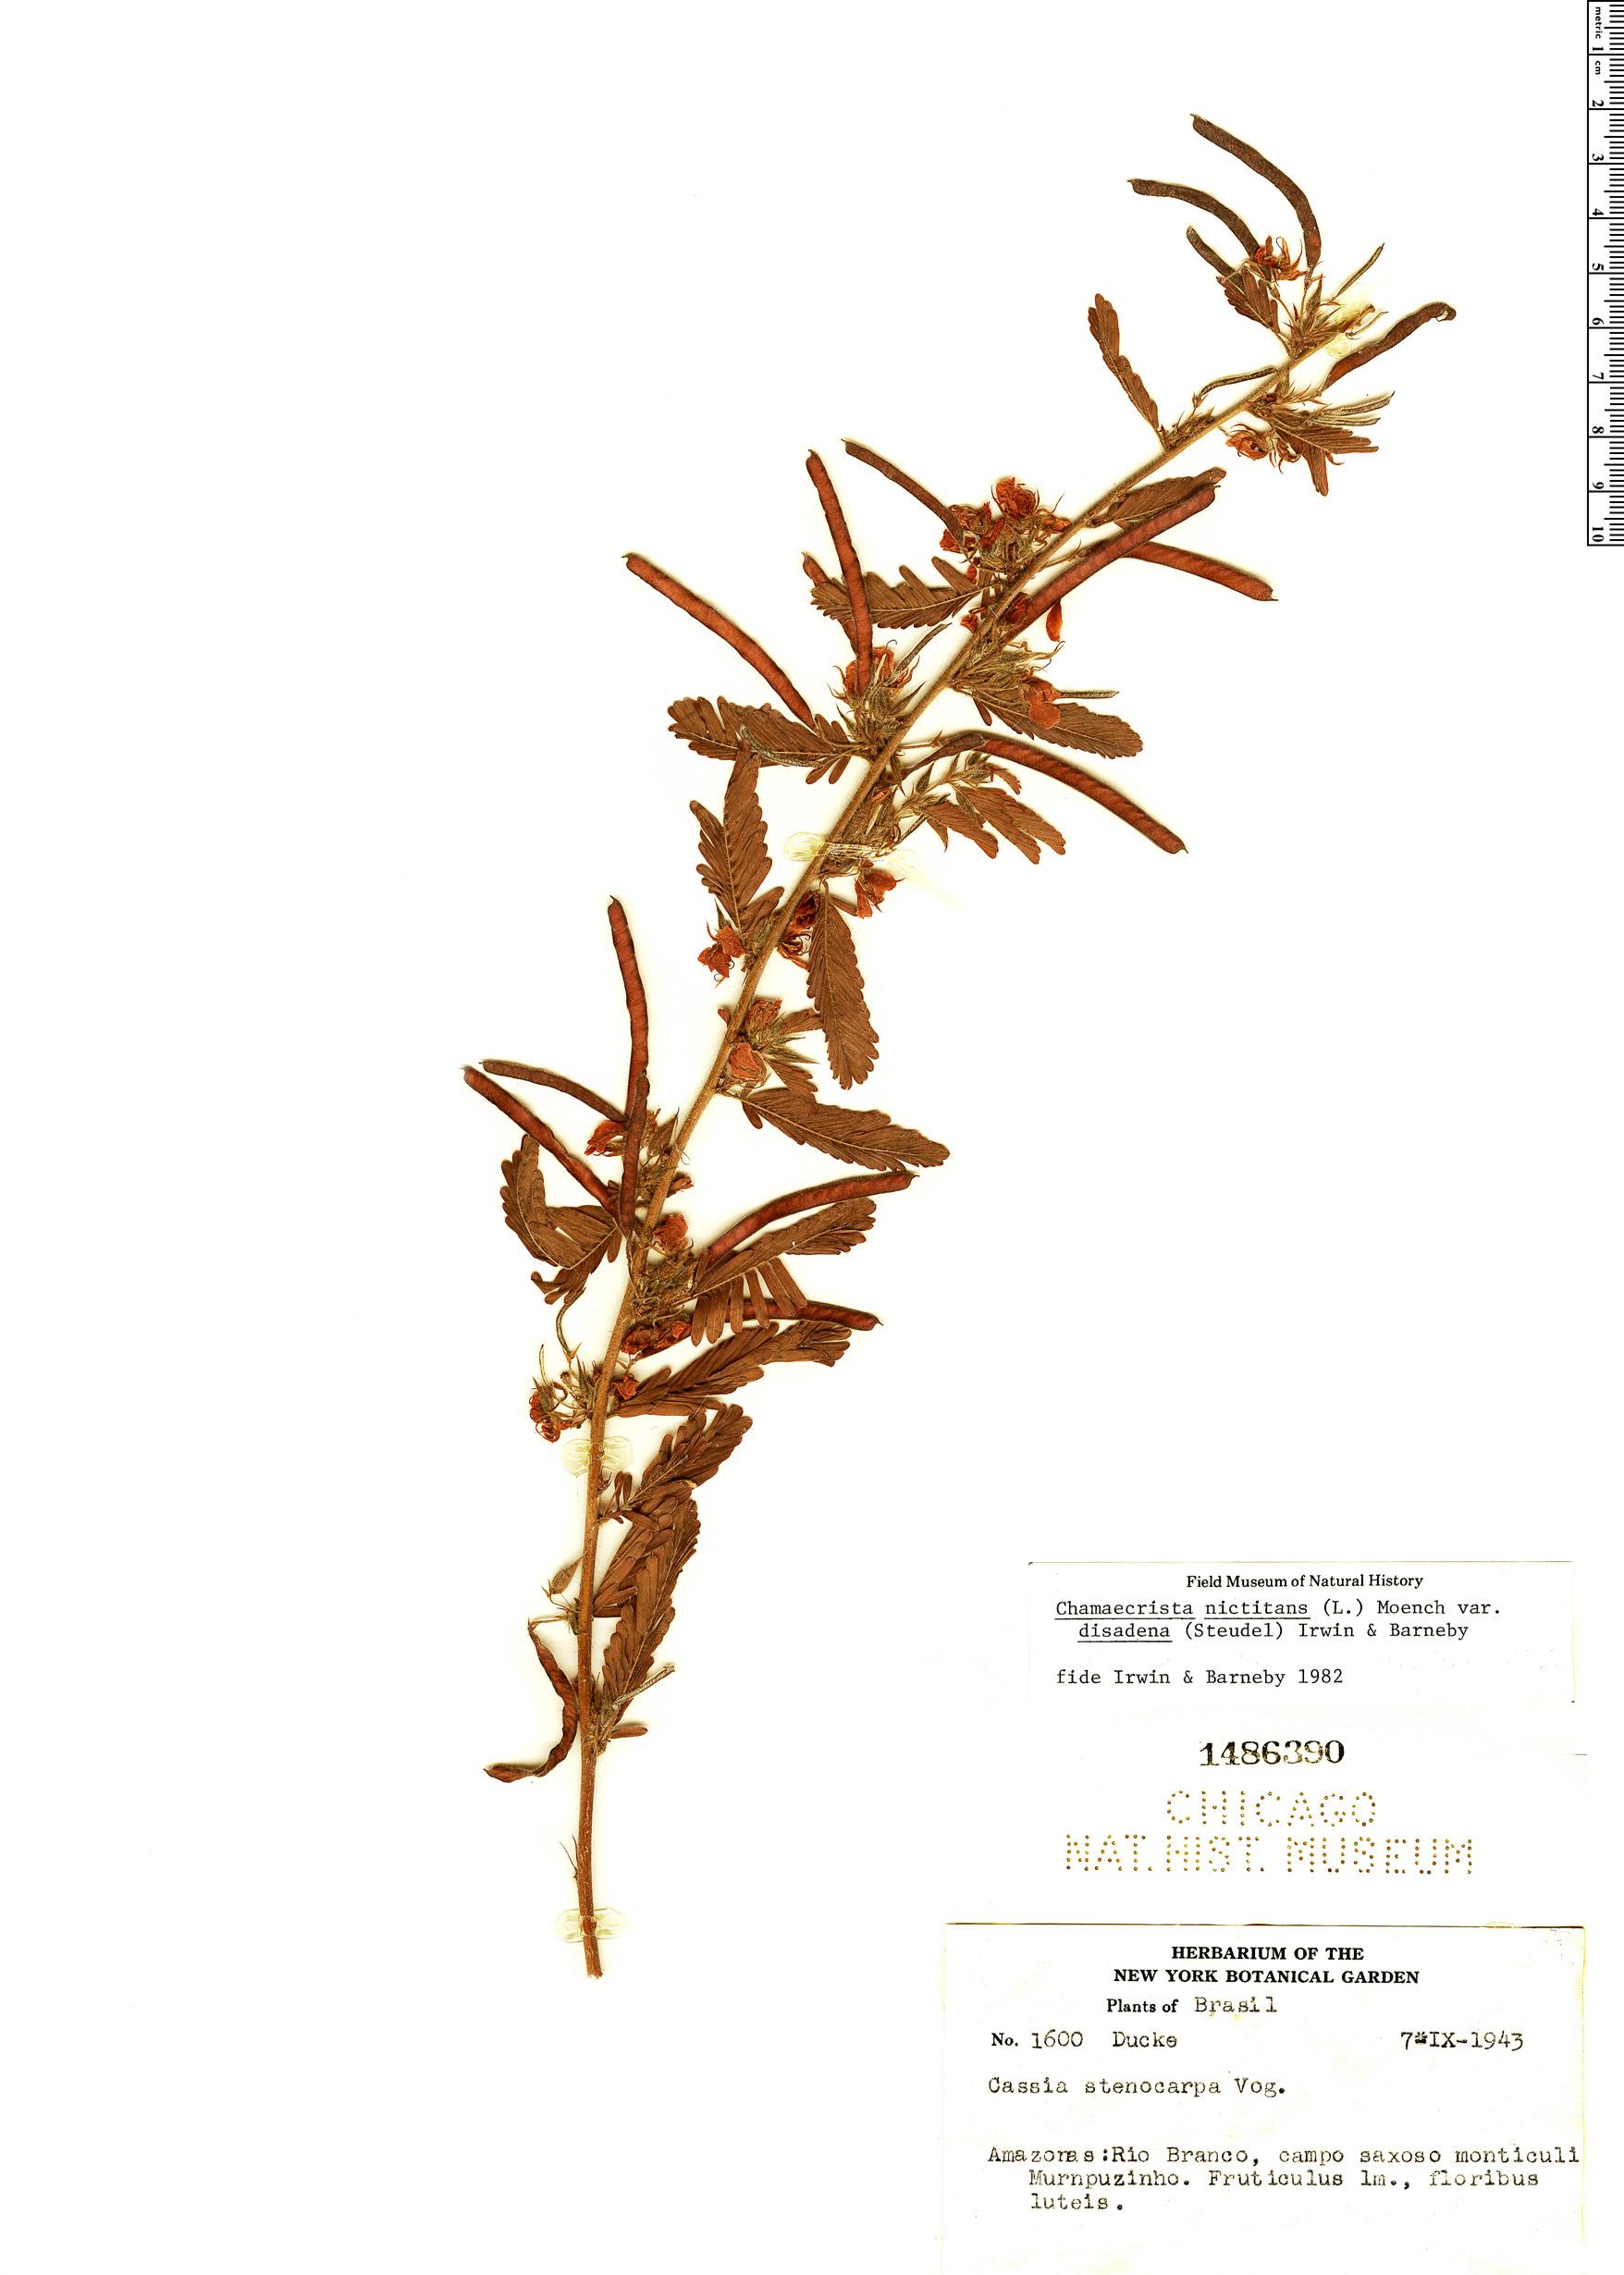 Specimen: Chamaecrista nictitans